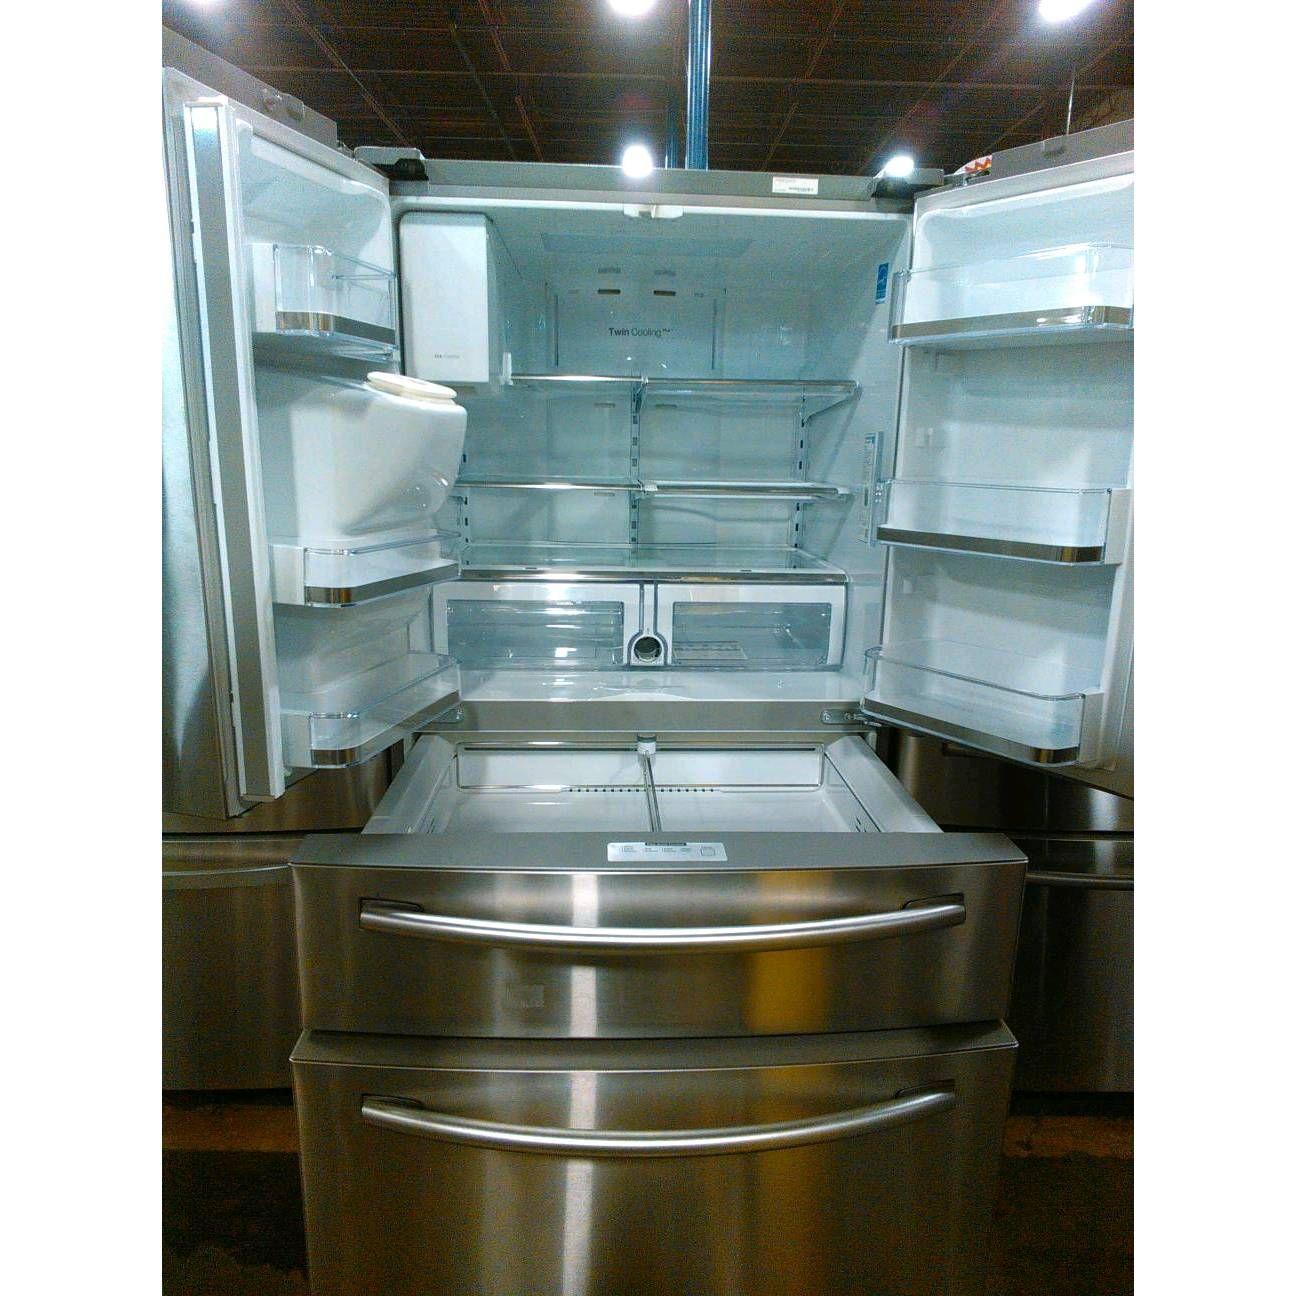 Kitchenaid krmf706ess 258 cu ft multidoor